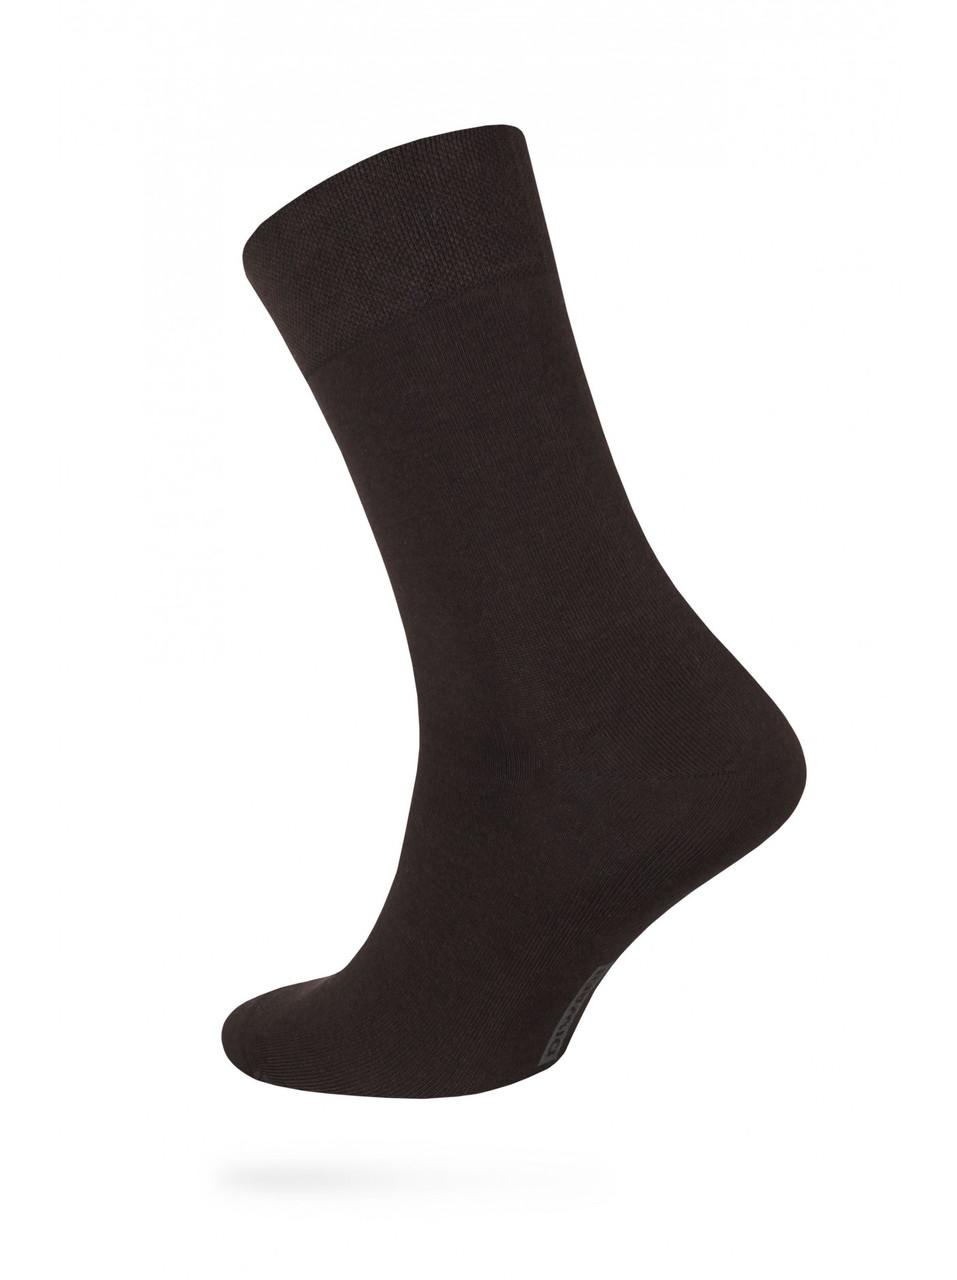 Носки мужские классические коричневі CLASSIC DIWARI 5С-08СП